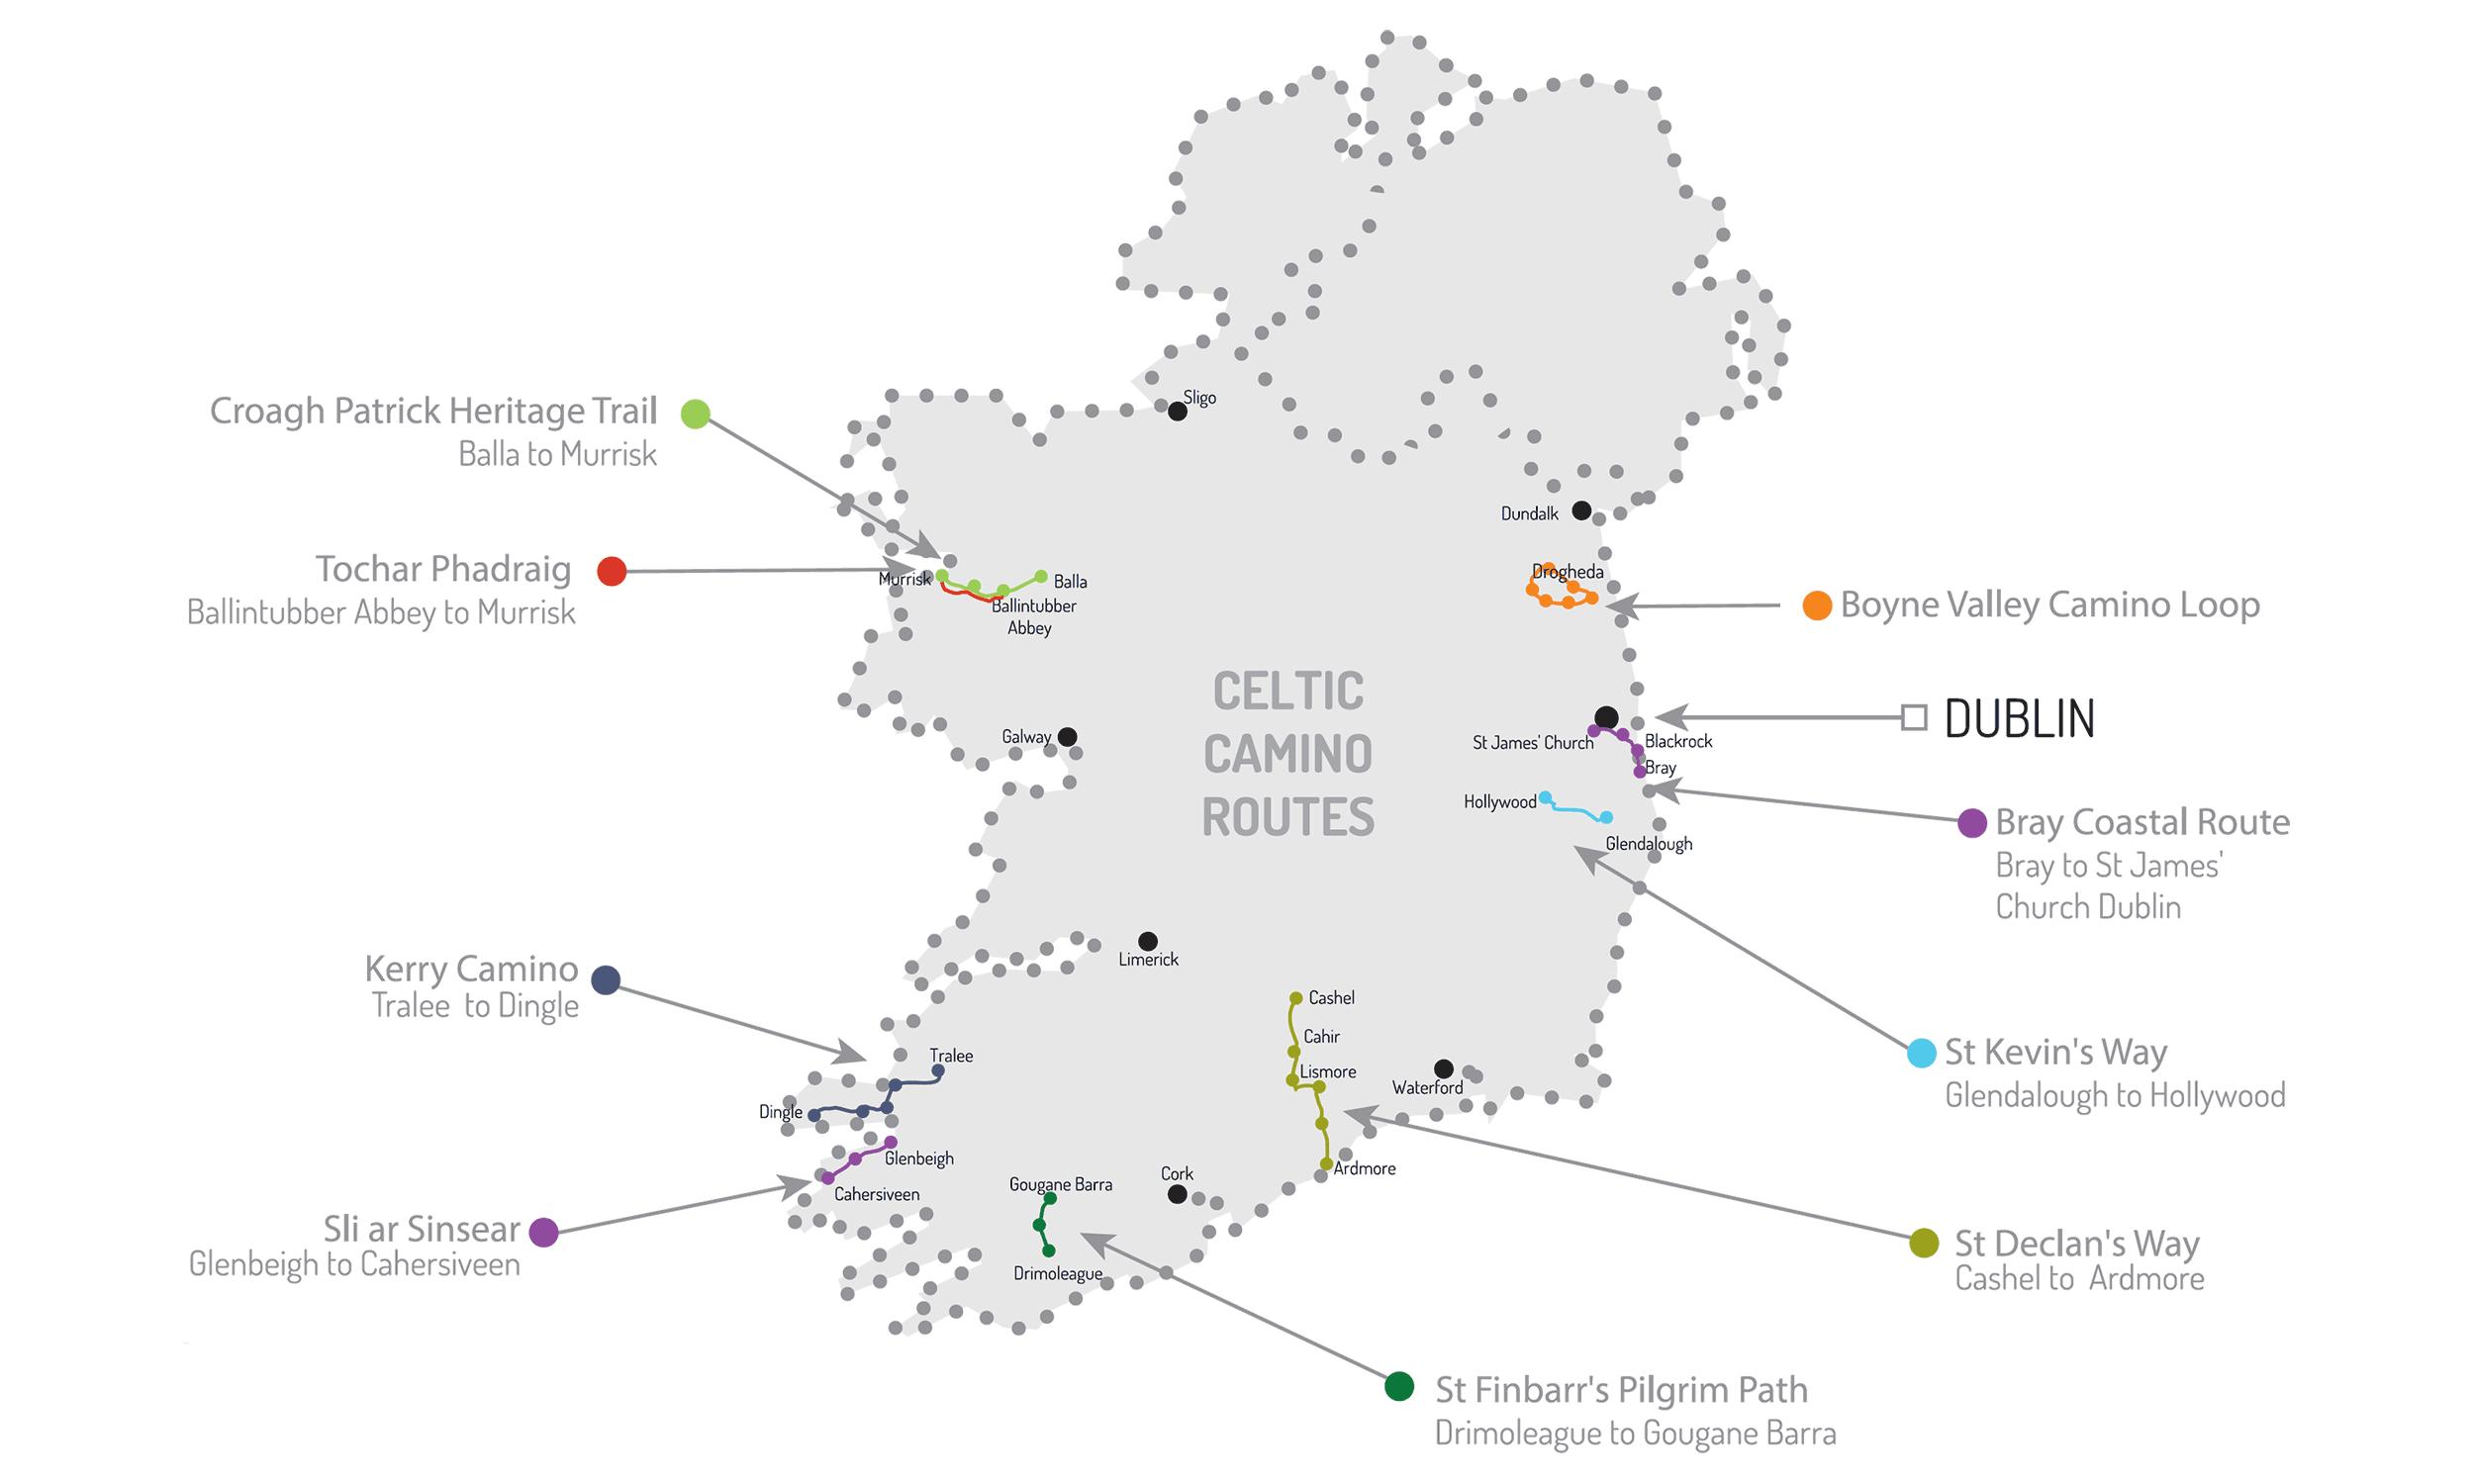 Mapa de todalas rutas en Irlanda